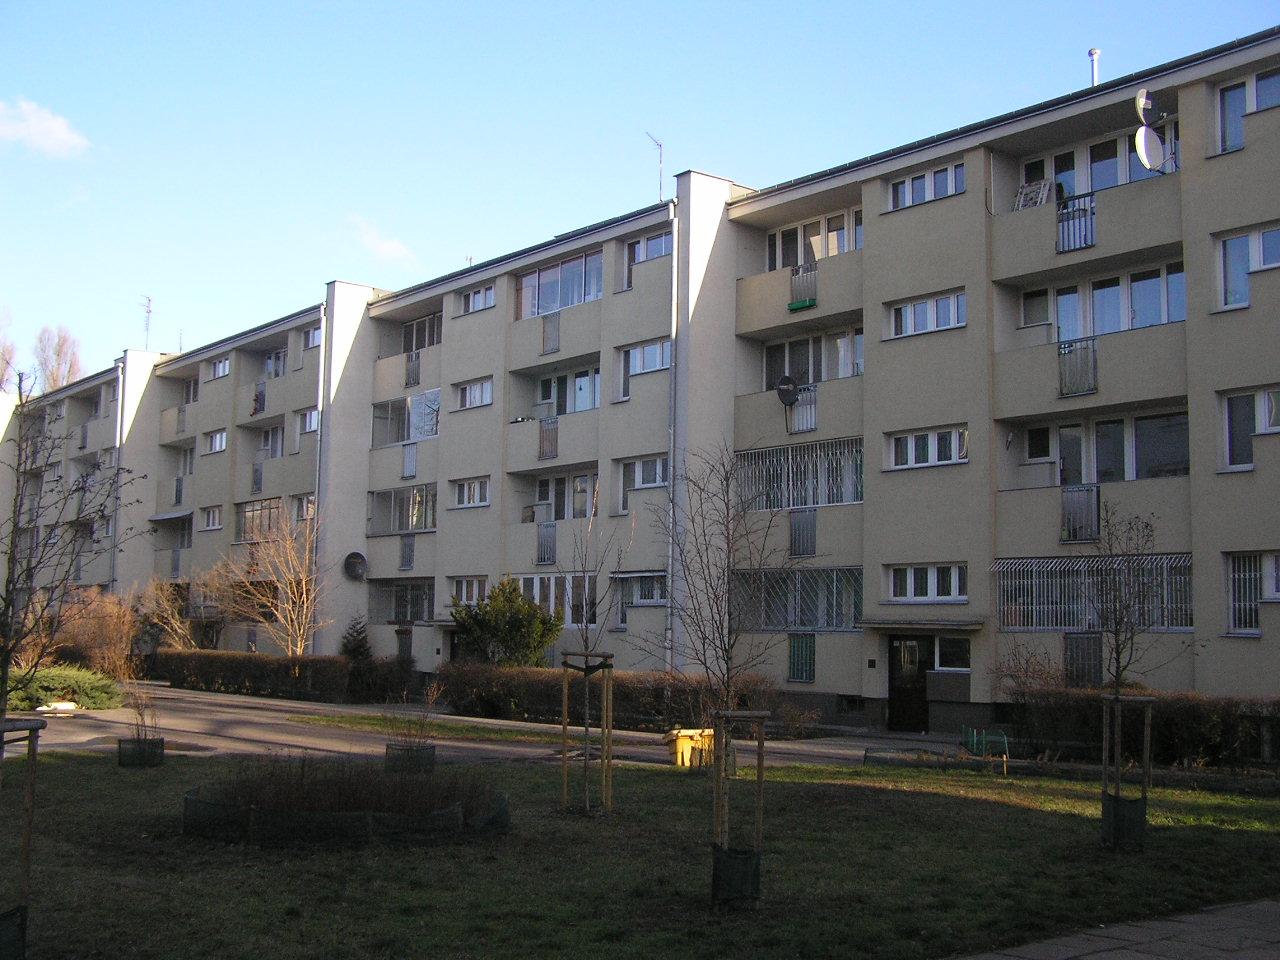 Osowska 85